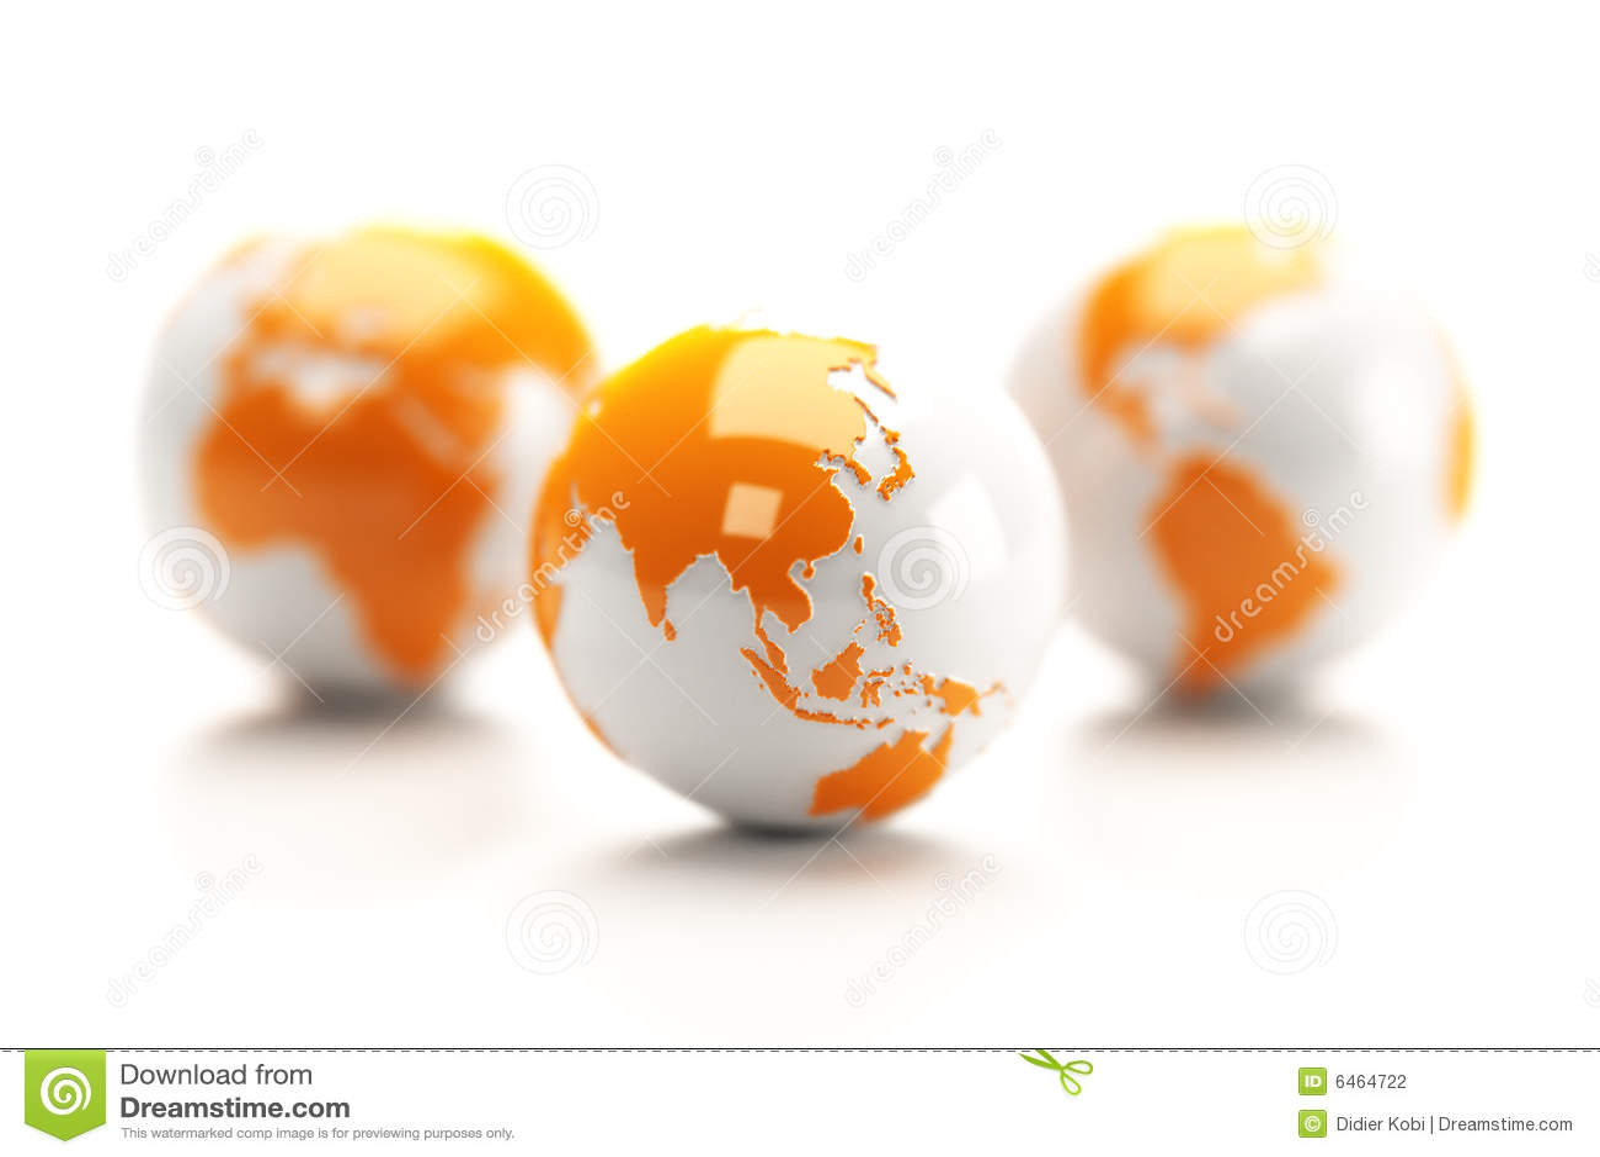 - globus ziemi